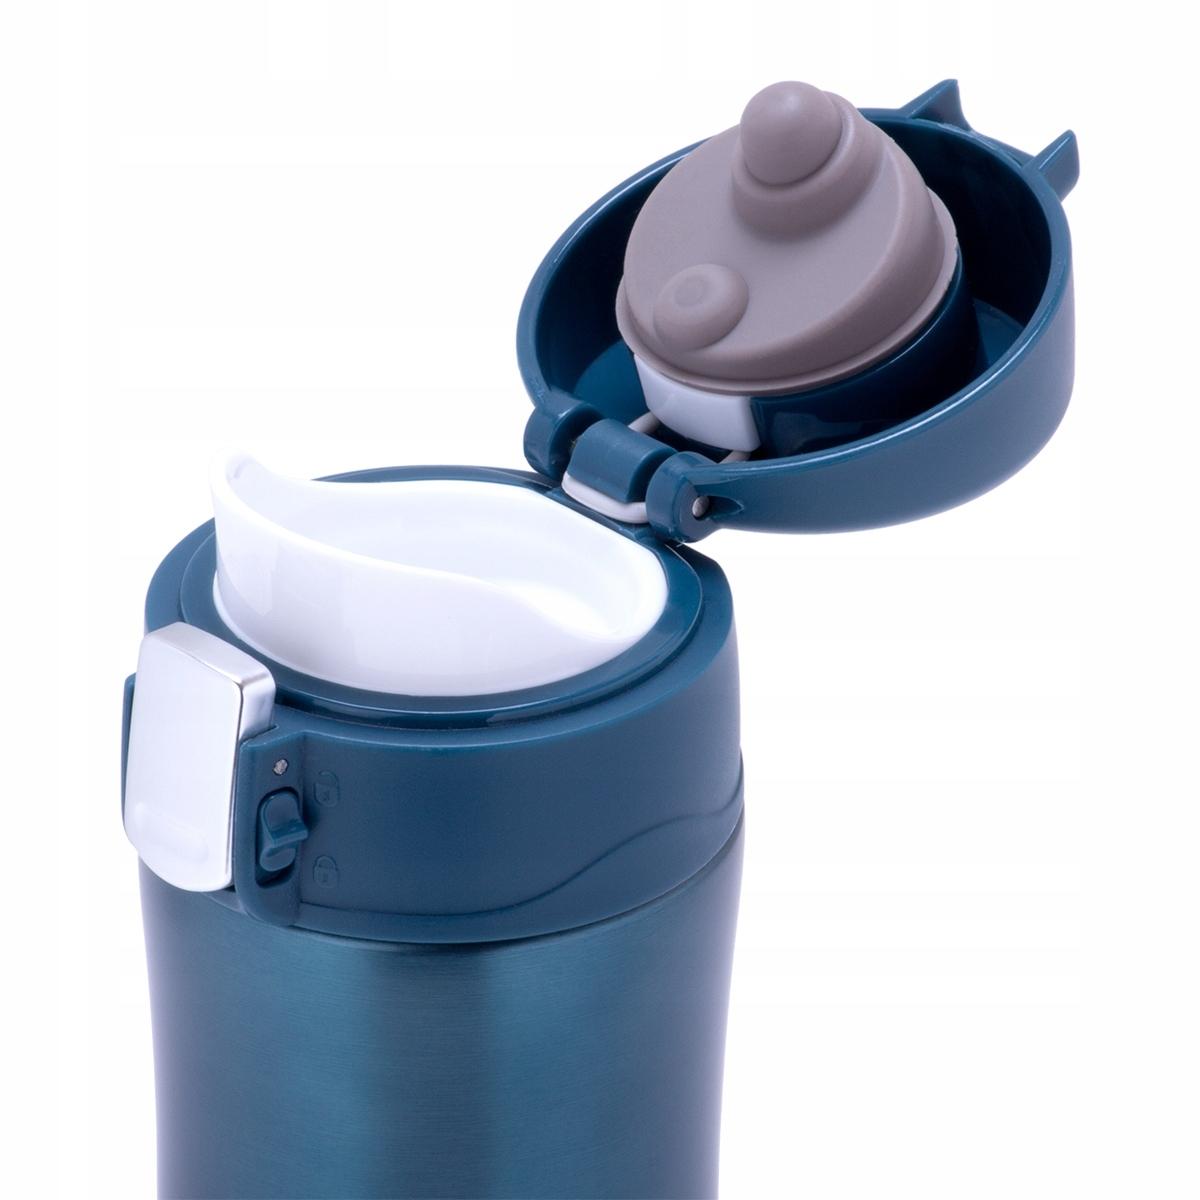 Термос-кружка Kamille 450 мл. из нержавеющей стали, голубой